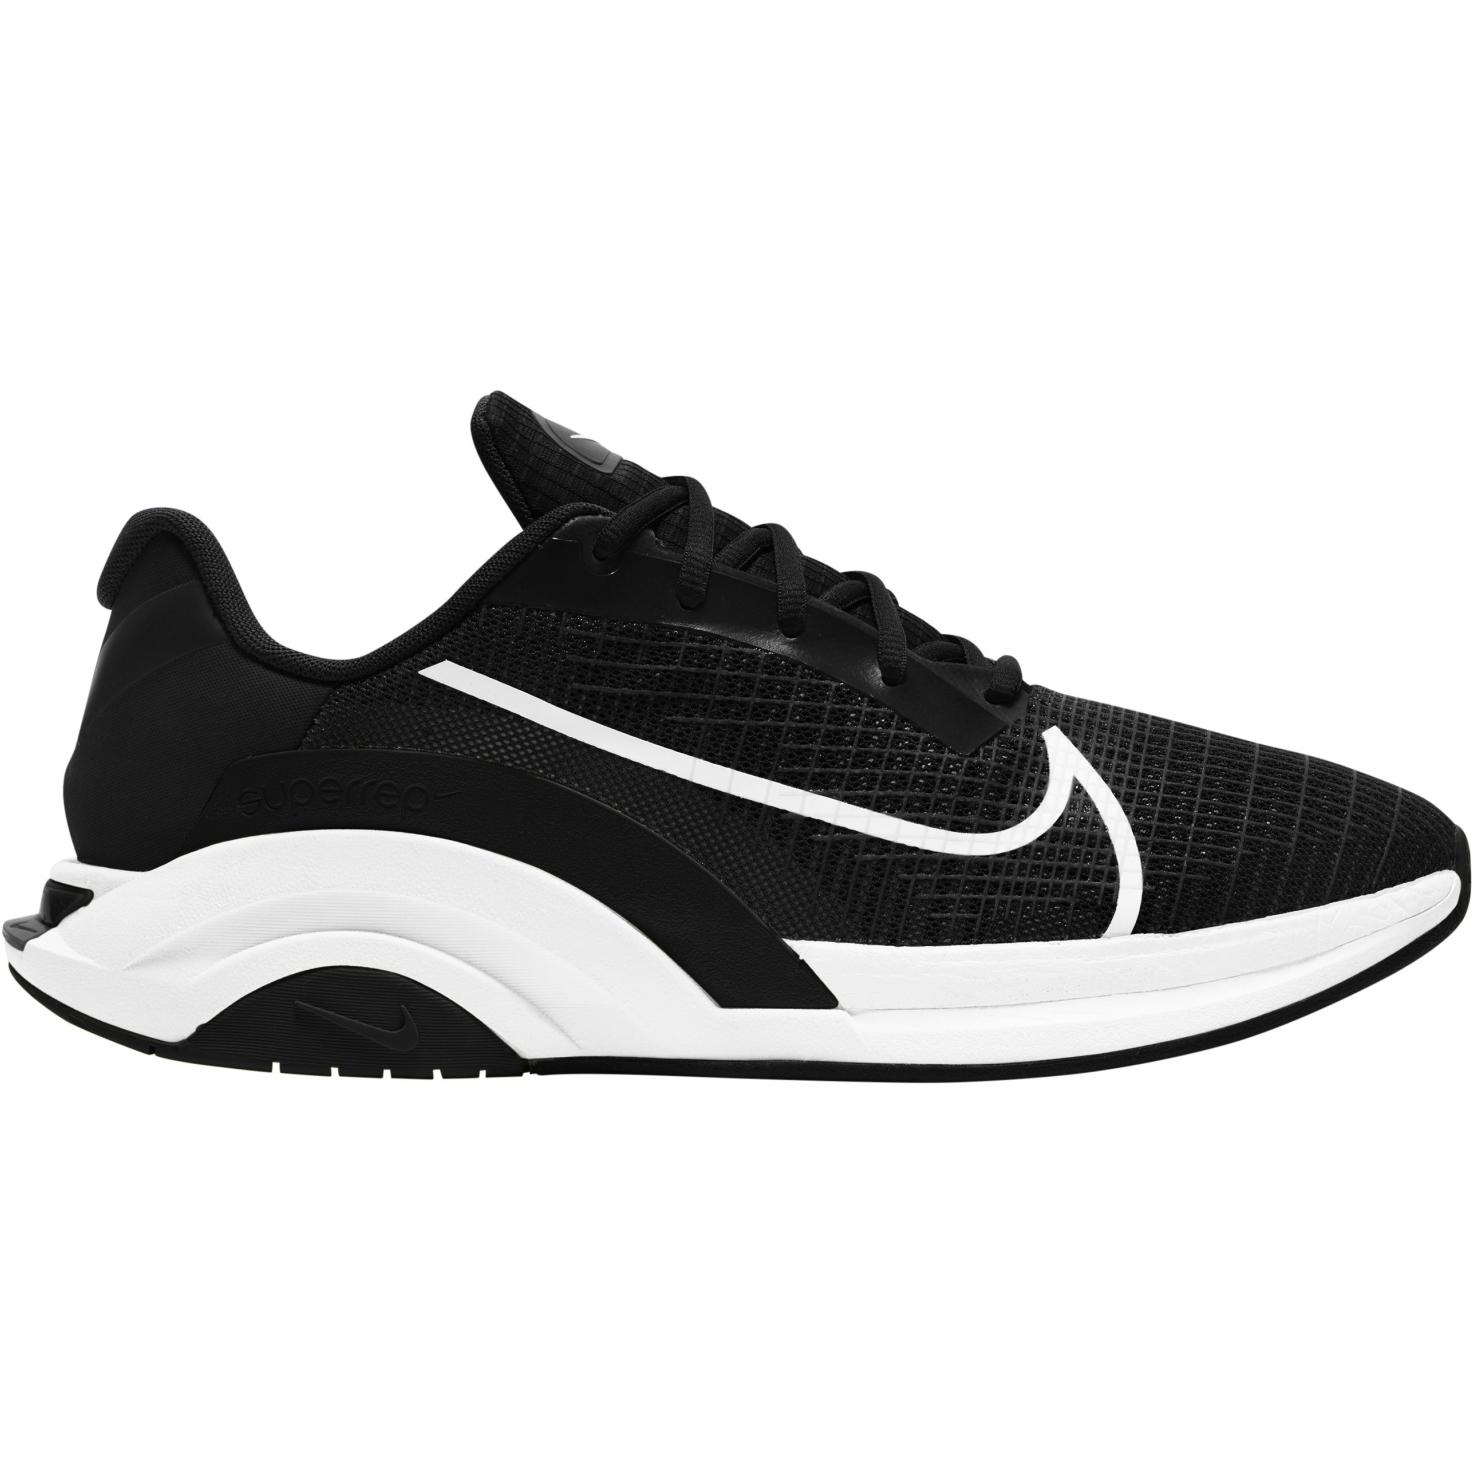 Foto de Nike ZoomX SuperRep Surge Zapatillas de entrenamiento para hombre - black/white-black CU7627-002